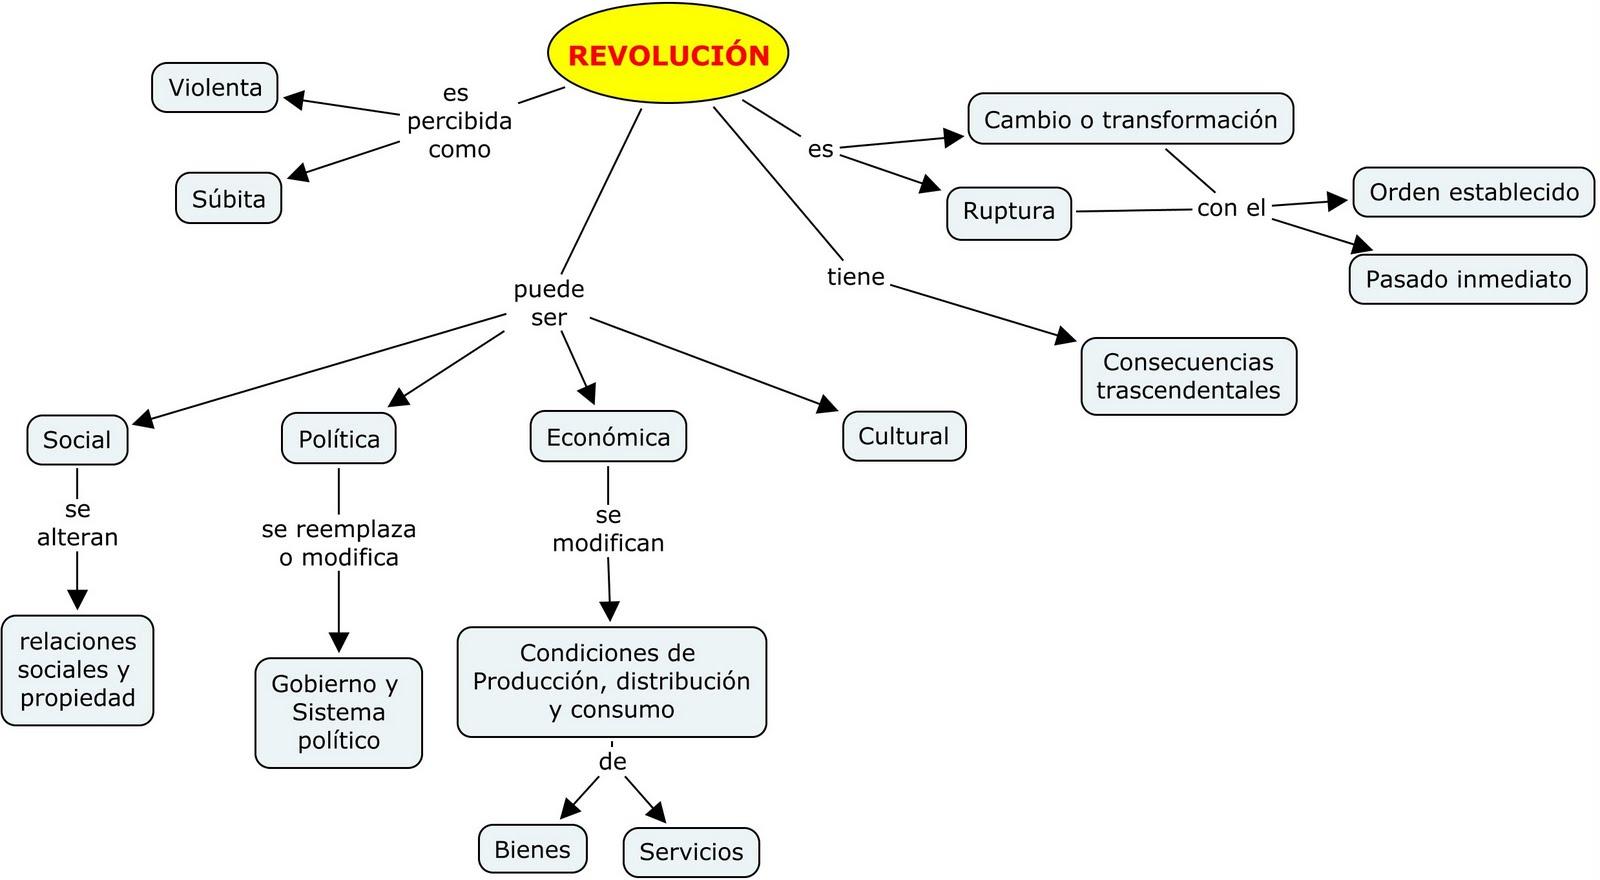 revolucionmapa-conceptual-del-25-de-mayo-de-1810-Revoluci_n_Qu_es_una_revoluci_n